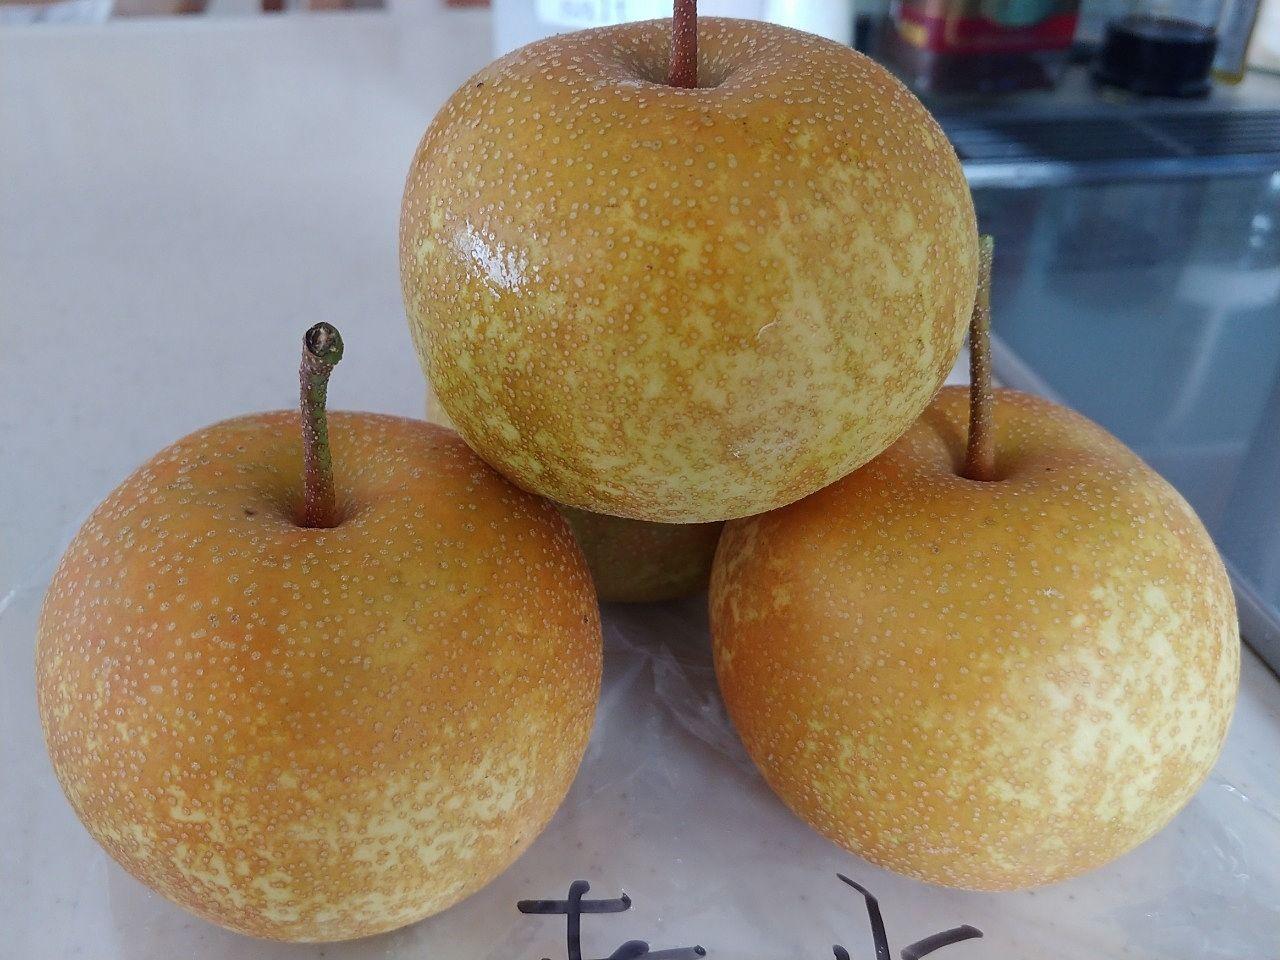 子どもたちが大好きな梨が出始めました